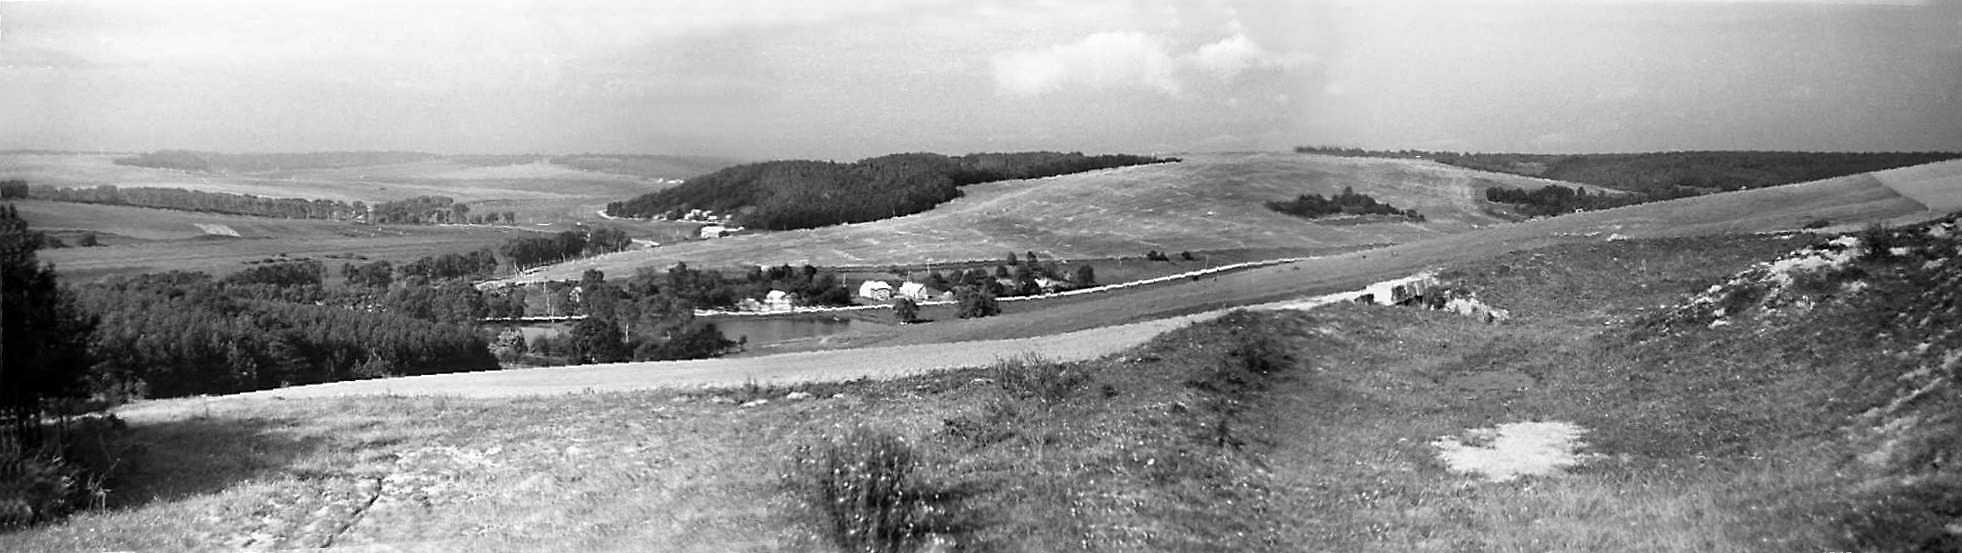 1988 р. Панорама долини р.Ікви між селами Лопушно і Лосятин